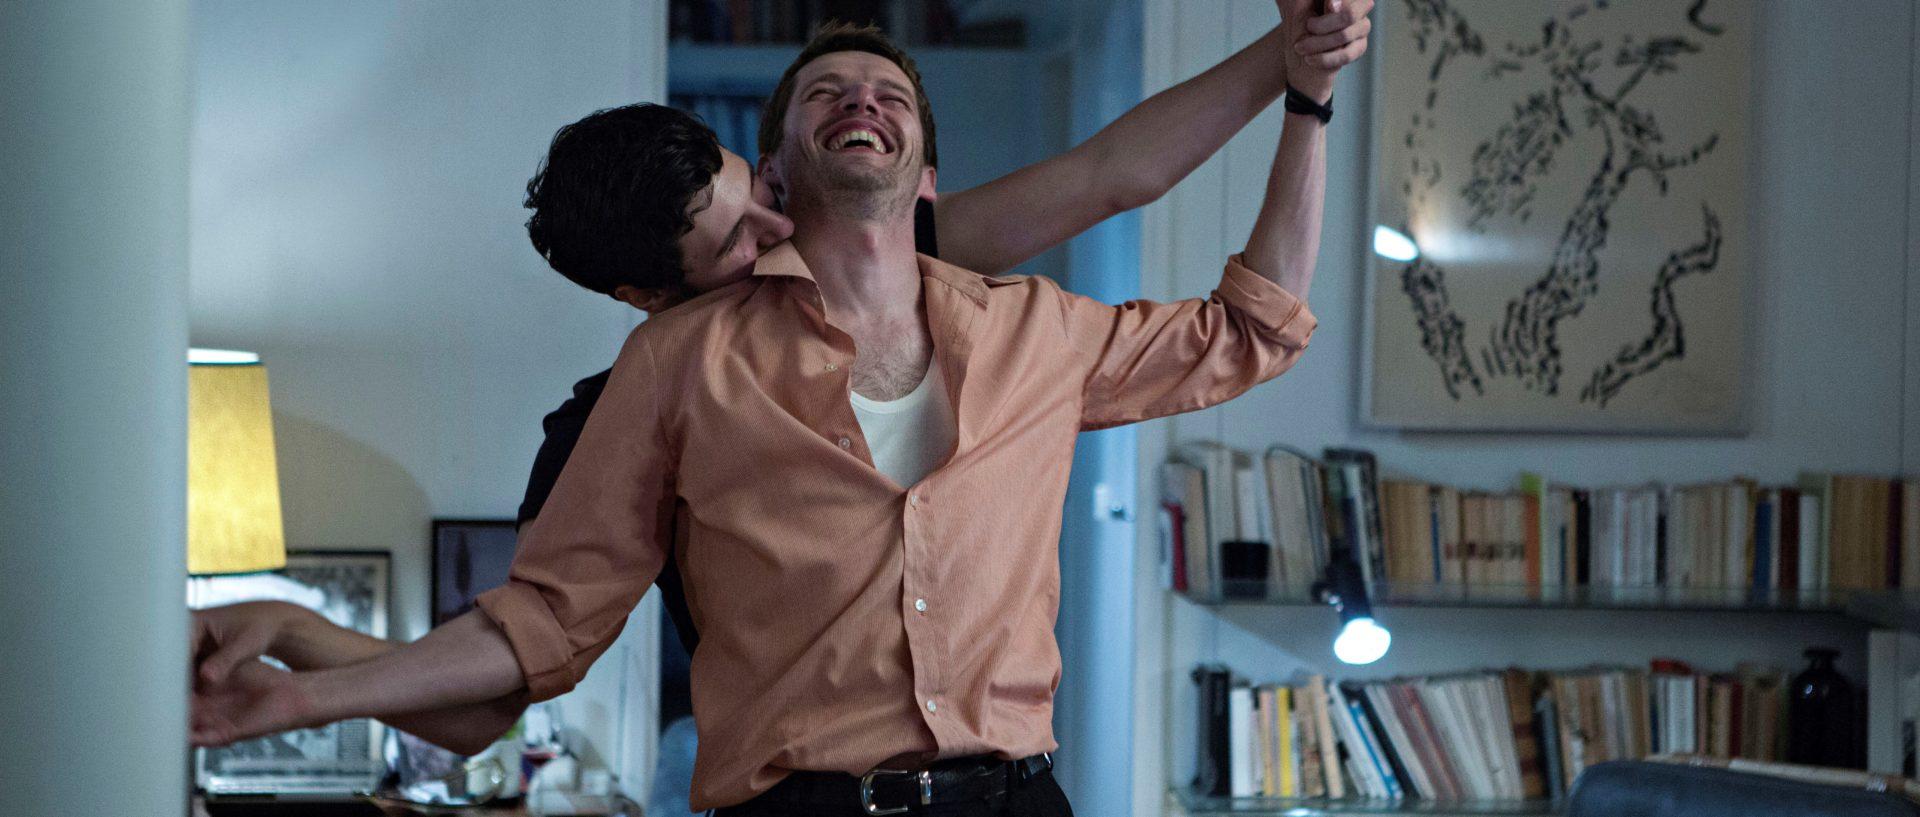 Jean-Louis Fernandez / LFP- Les Films Pelléas - Gaumont - France 3